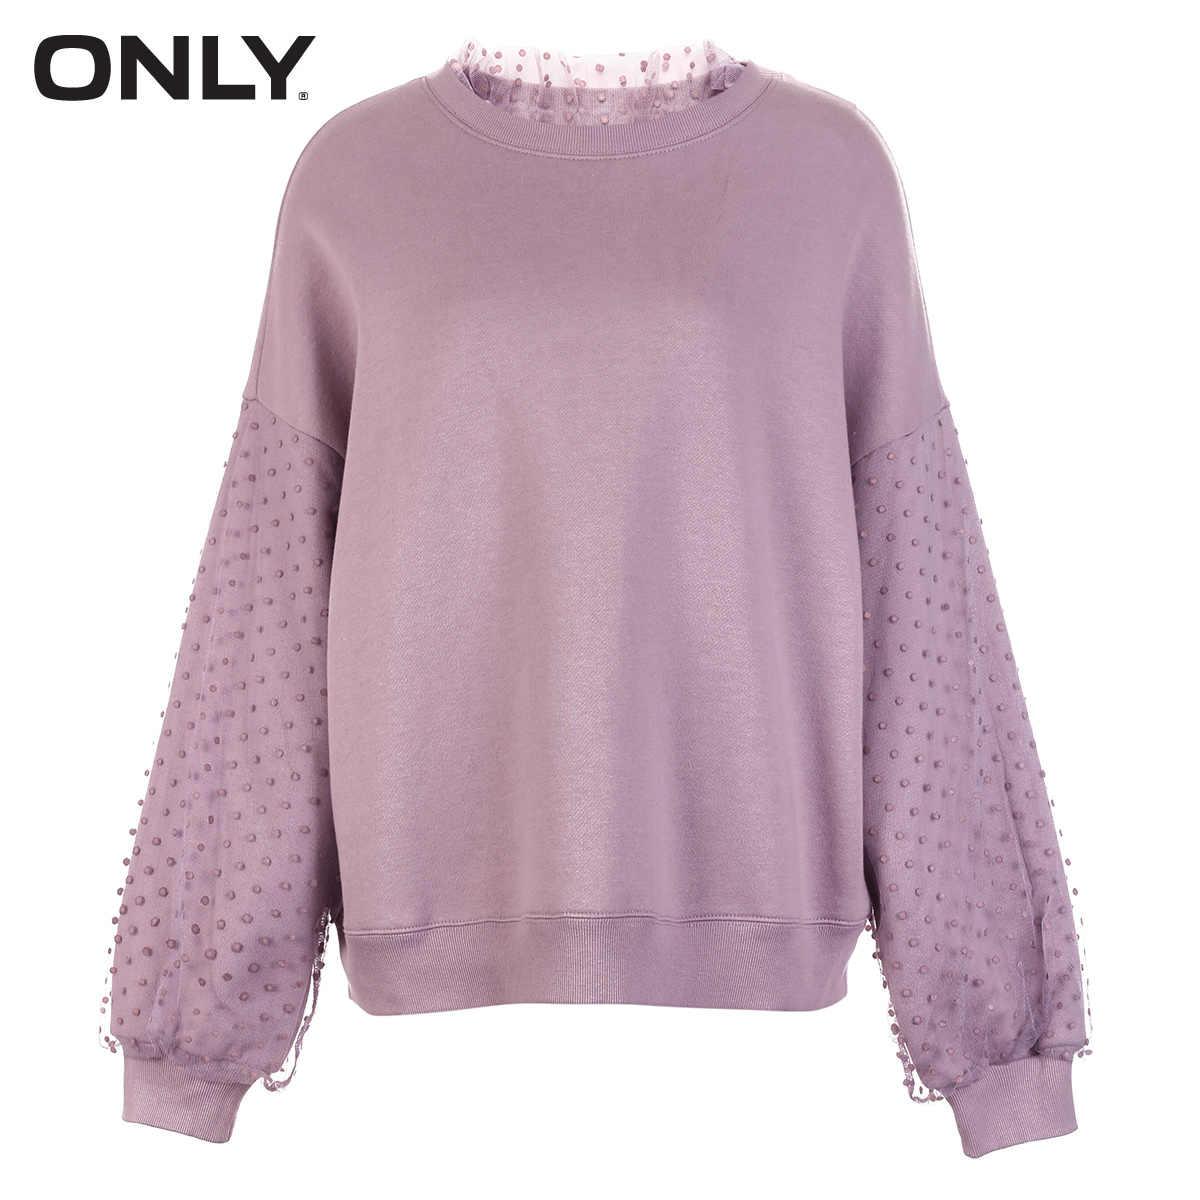 רק נשים של Loose Fit עגול מחשוף טהור צבע סוודר הסווטשרט   11839S571